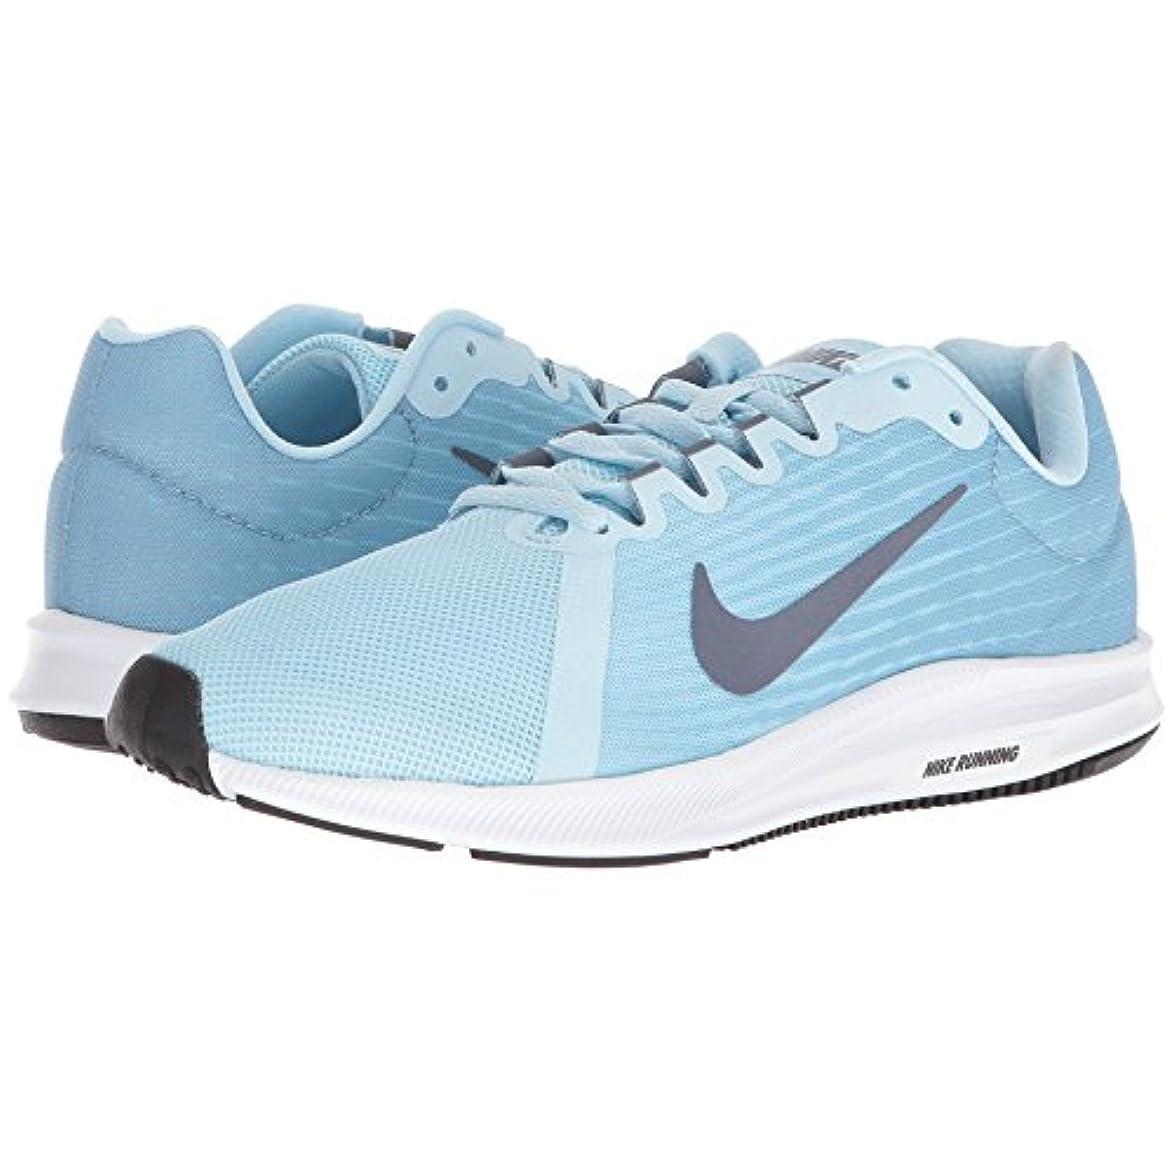 Running Scarpe Da 8 Donna Downshifter Nike